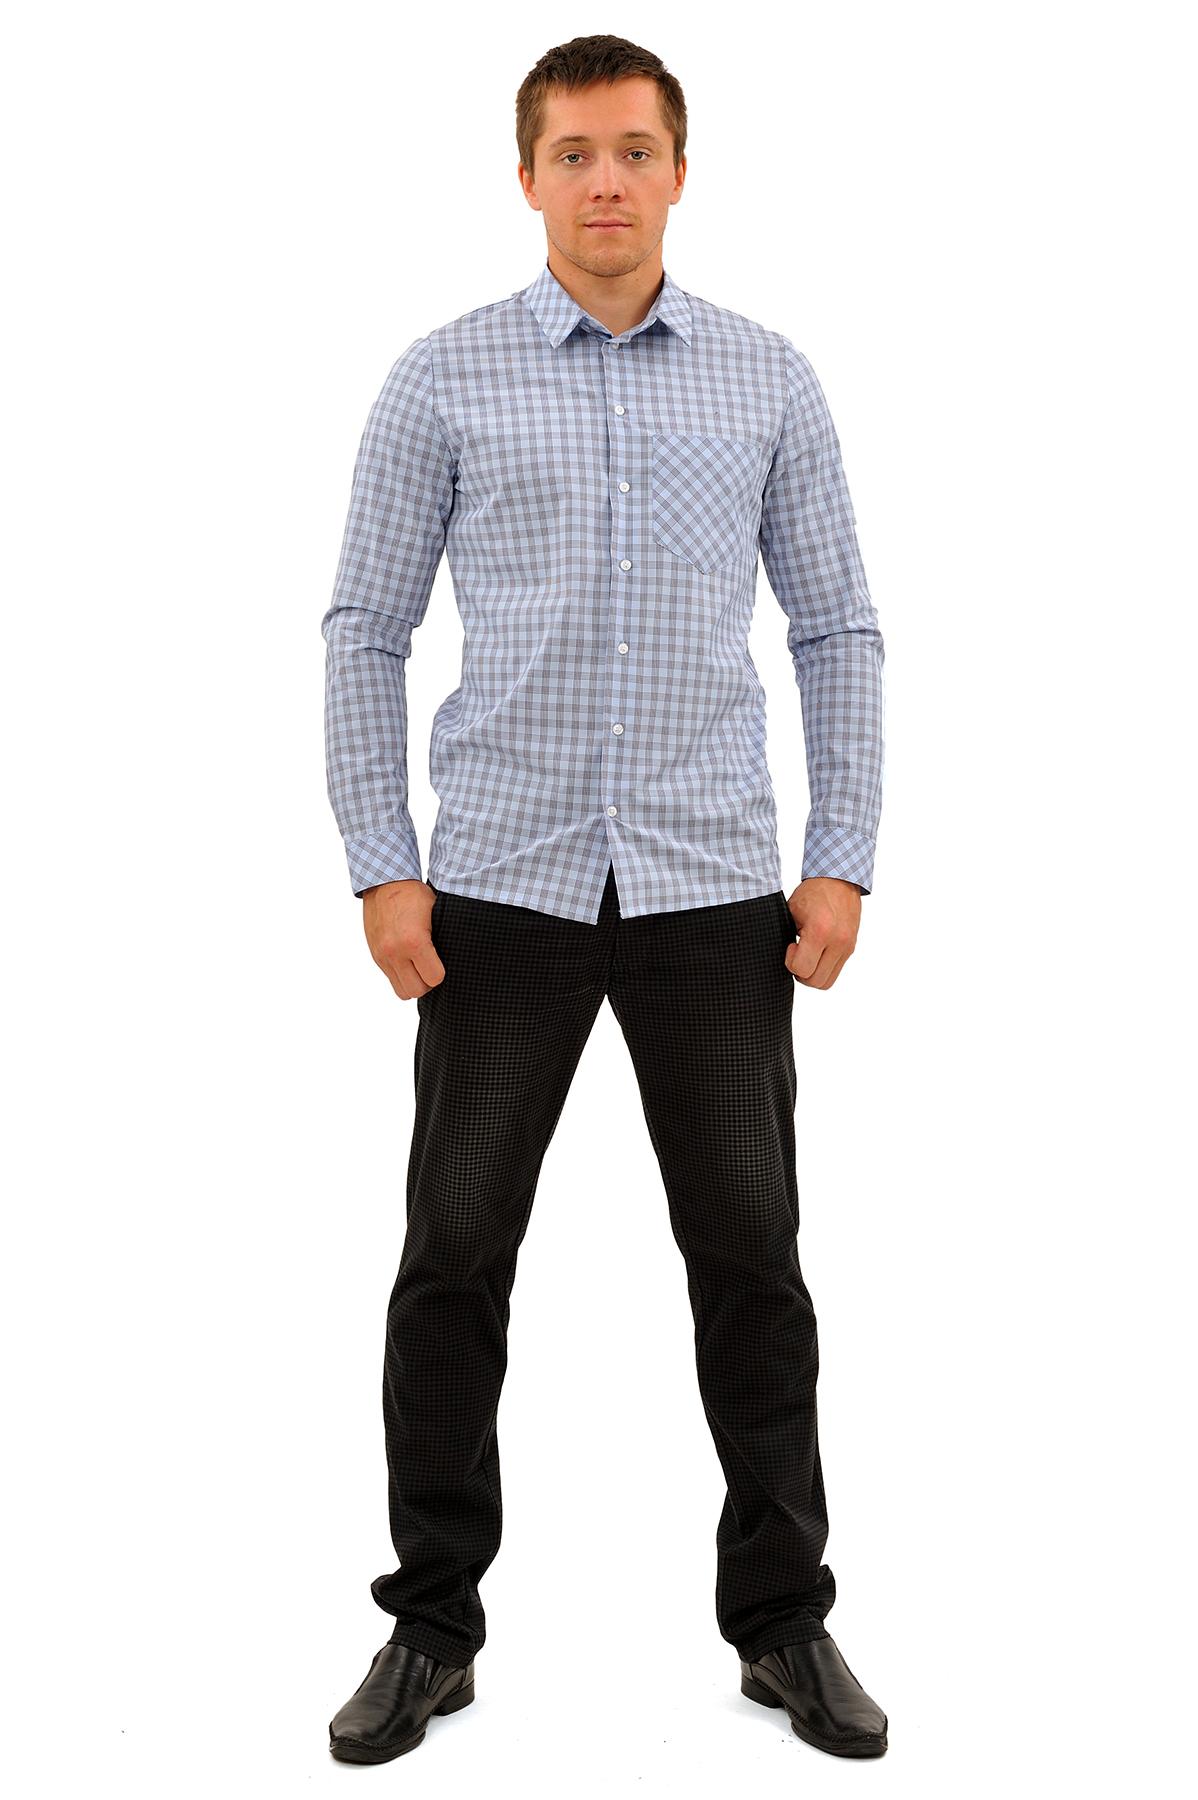 РубашкаМужские рубашки<br>Актуальная рубашка с короткими рукавами и застежкой на пуговицы. Воротник отложной. Дополнена карманами на груди. Полочки и спинка на фигурных кокетках, дающих свободу движений. Эта рубашка для мужчин, ценящих комфорт и стиль. Отлично смотрится в сочетан<br><br>Цвет: голубой<br>Состав: 100% хлопок<br>Размер: 46,48,50,52,54<br>Страна дизайна: Россия<br>Страна производства: Россия